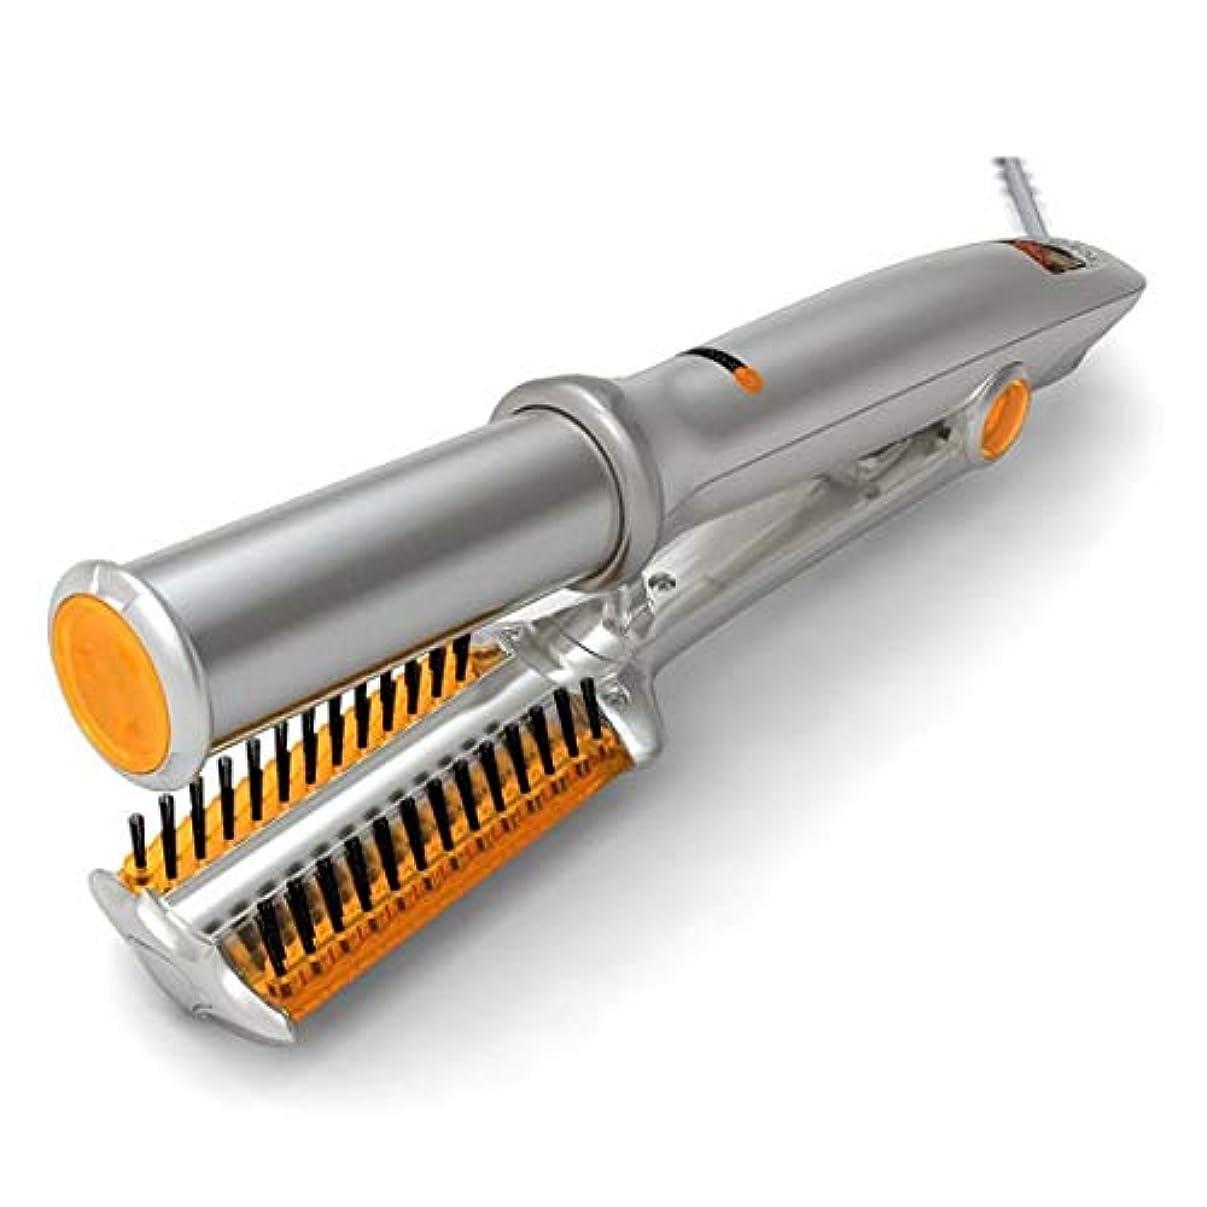 生む義務的原因2PCSヘアドライヤー熱風ブラシヘアドライヤースタイリングくしマイナスイオンサロンストレートヘアアイロンおよびカーラーブラシアンチスカルド